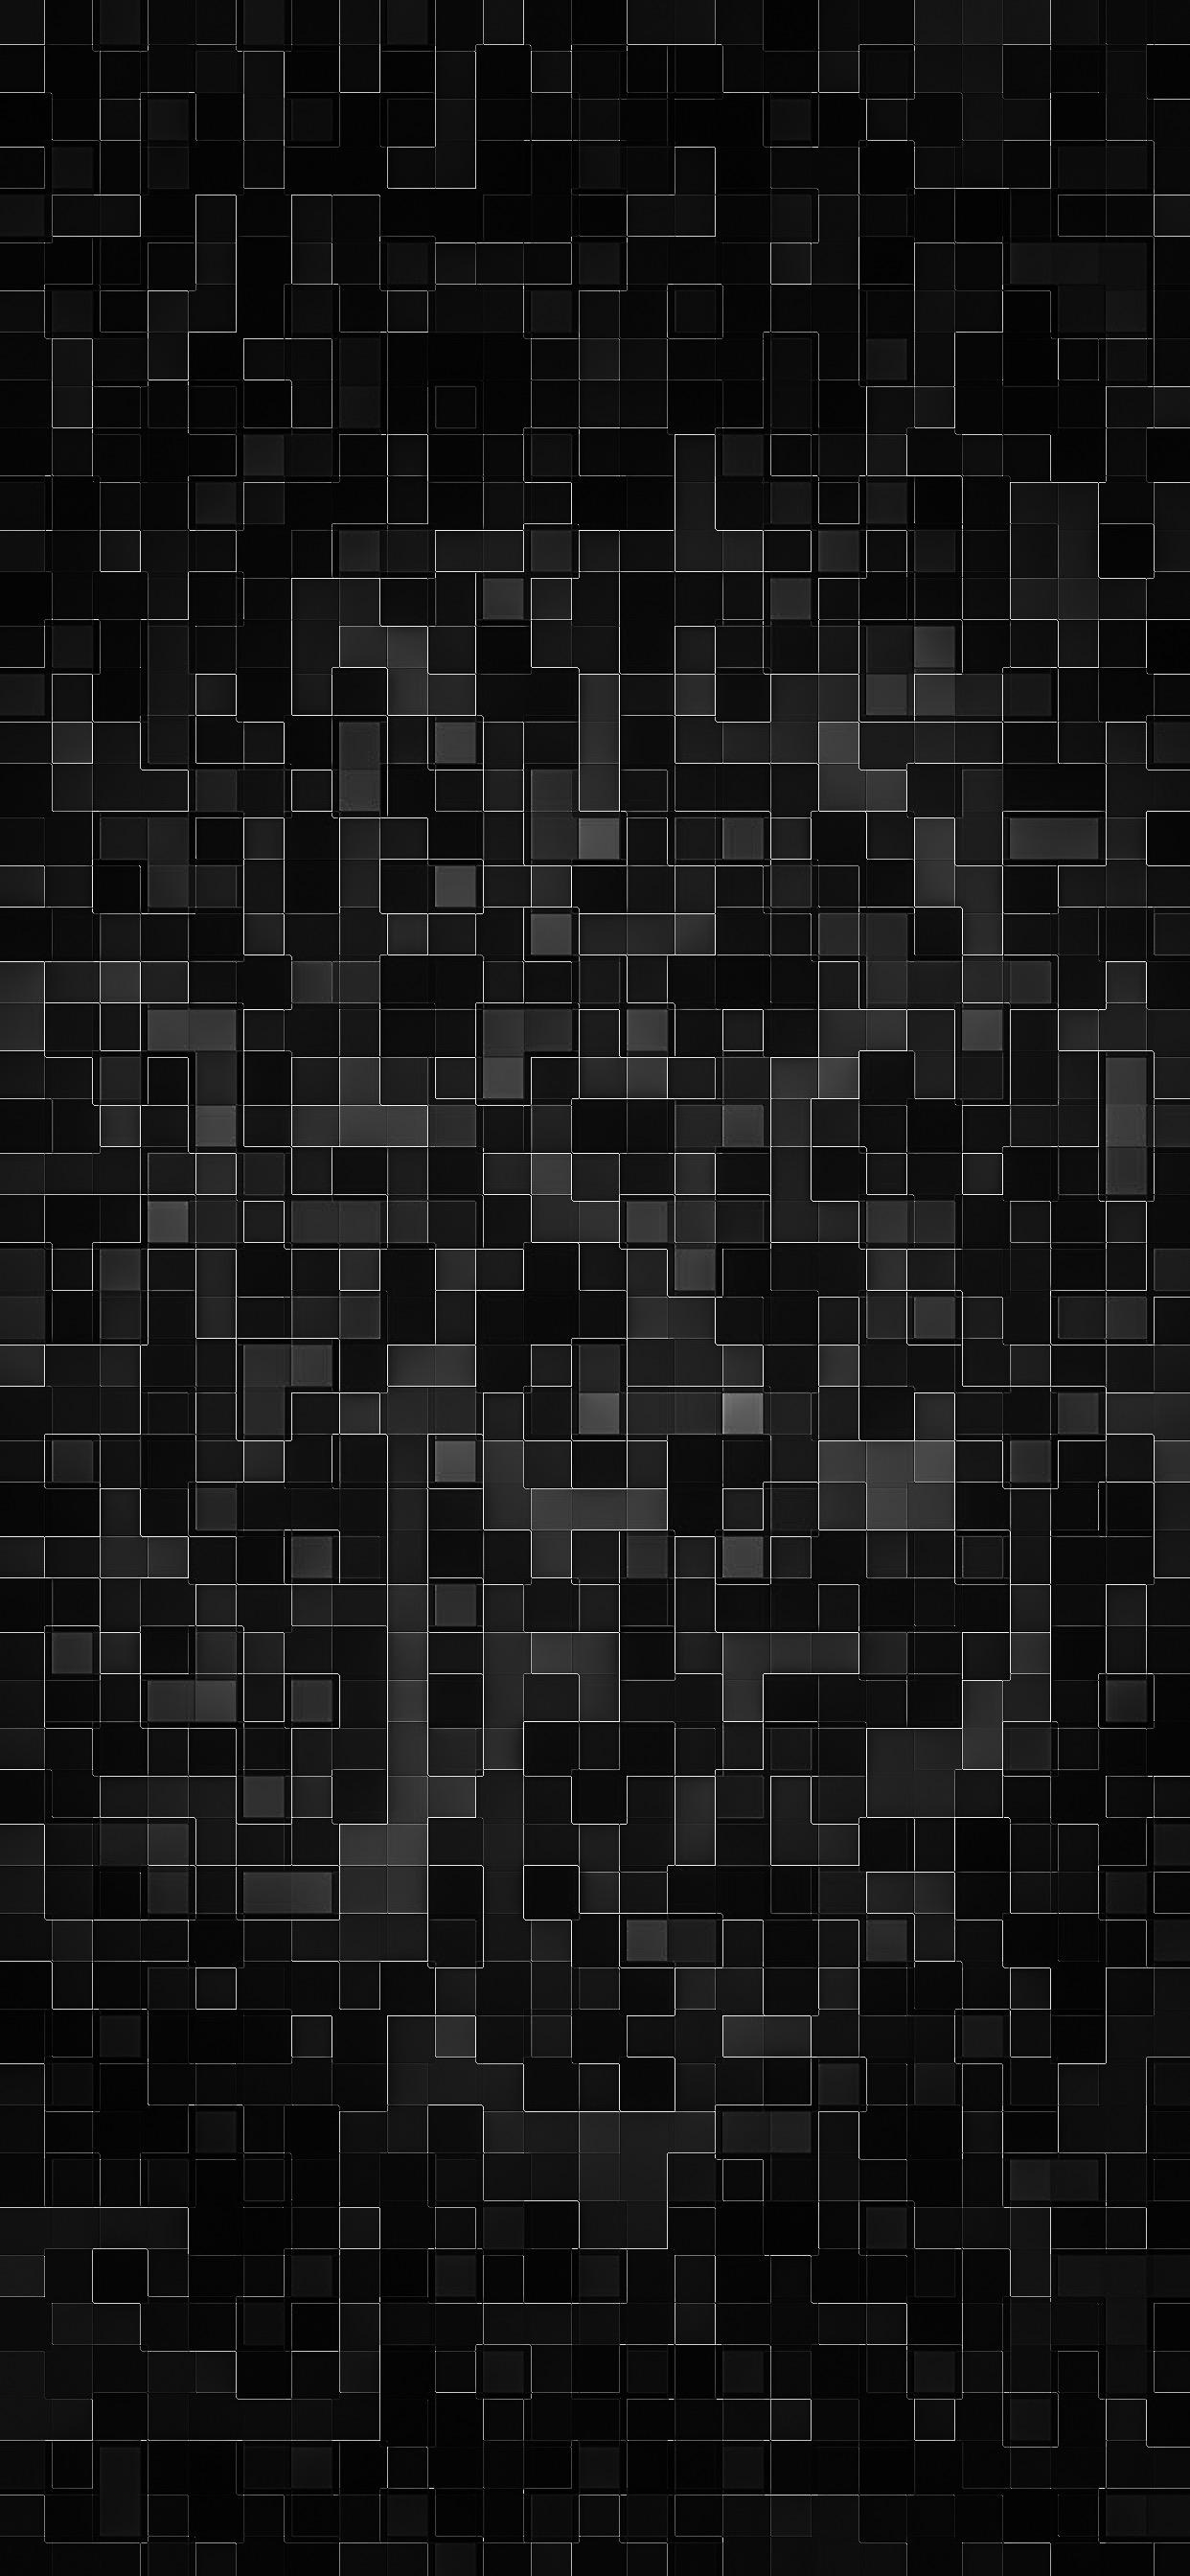 iPhone wallpaper abstract dark mosaic Abstract